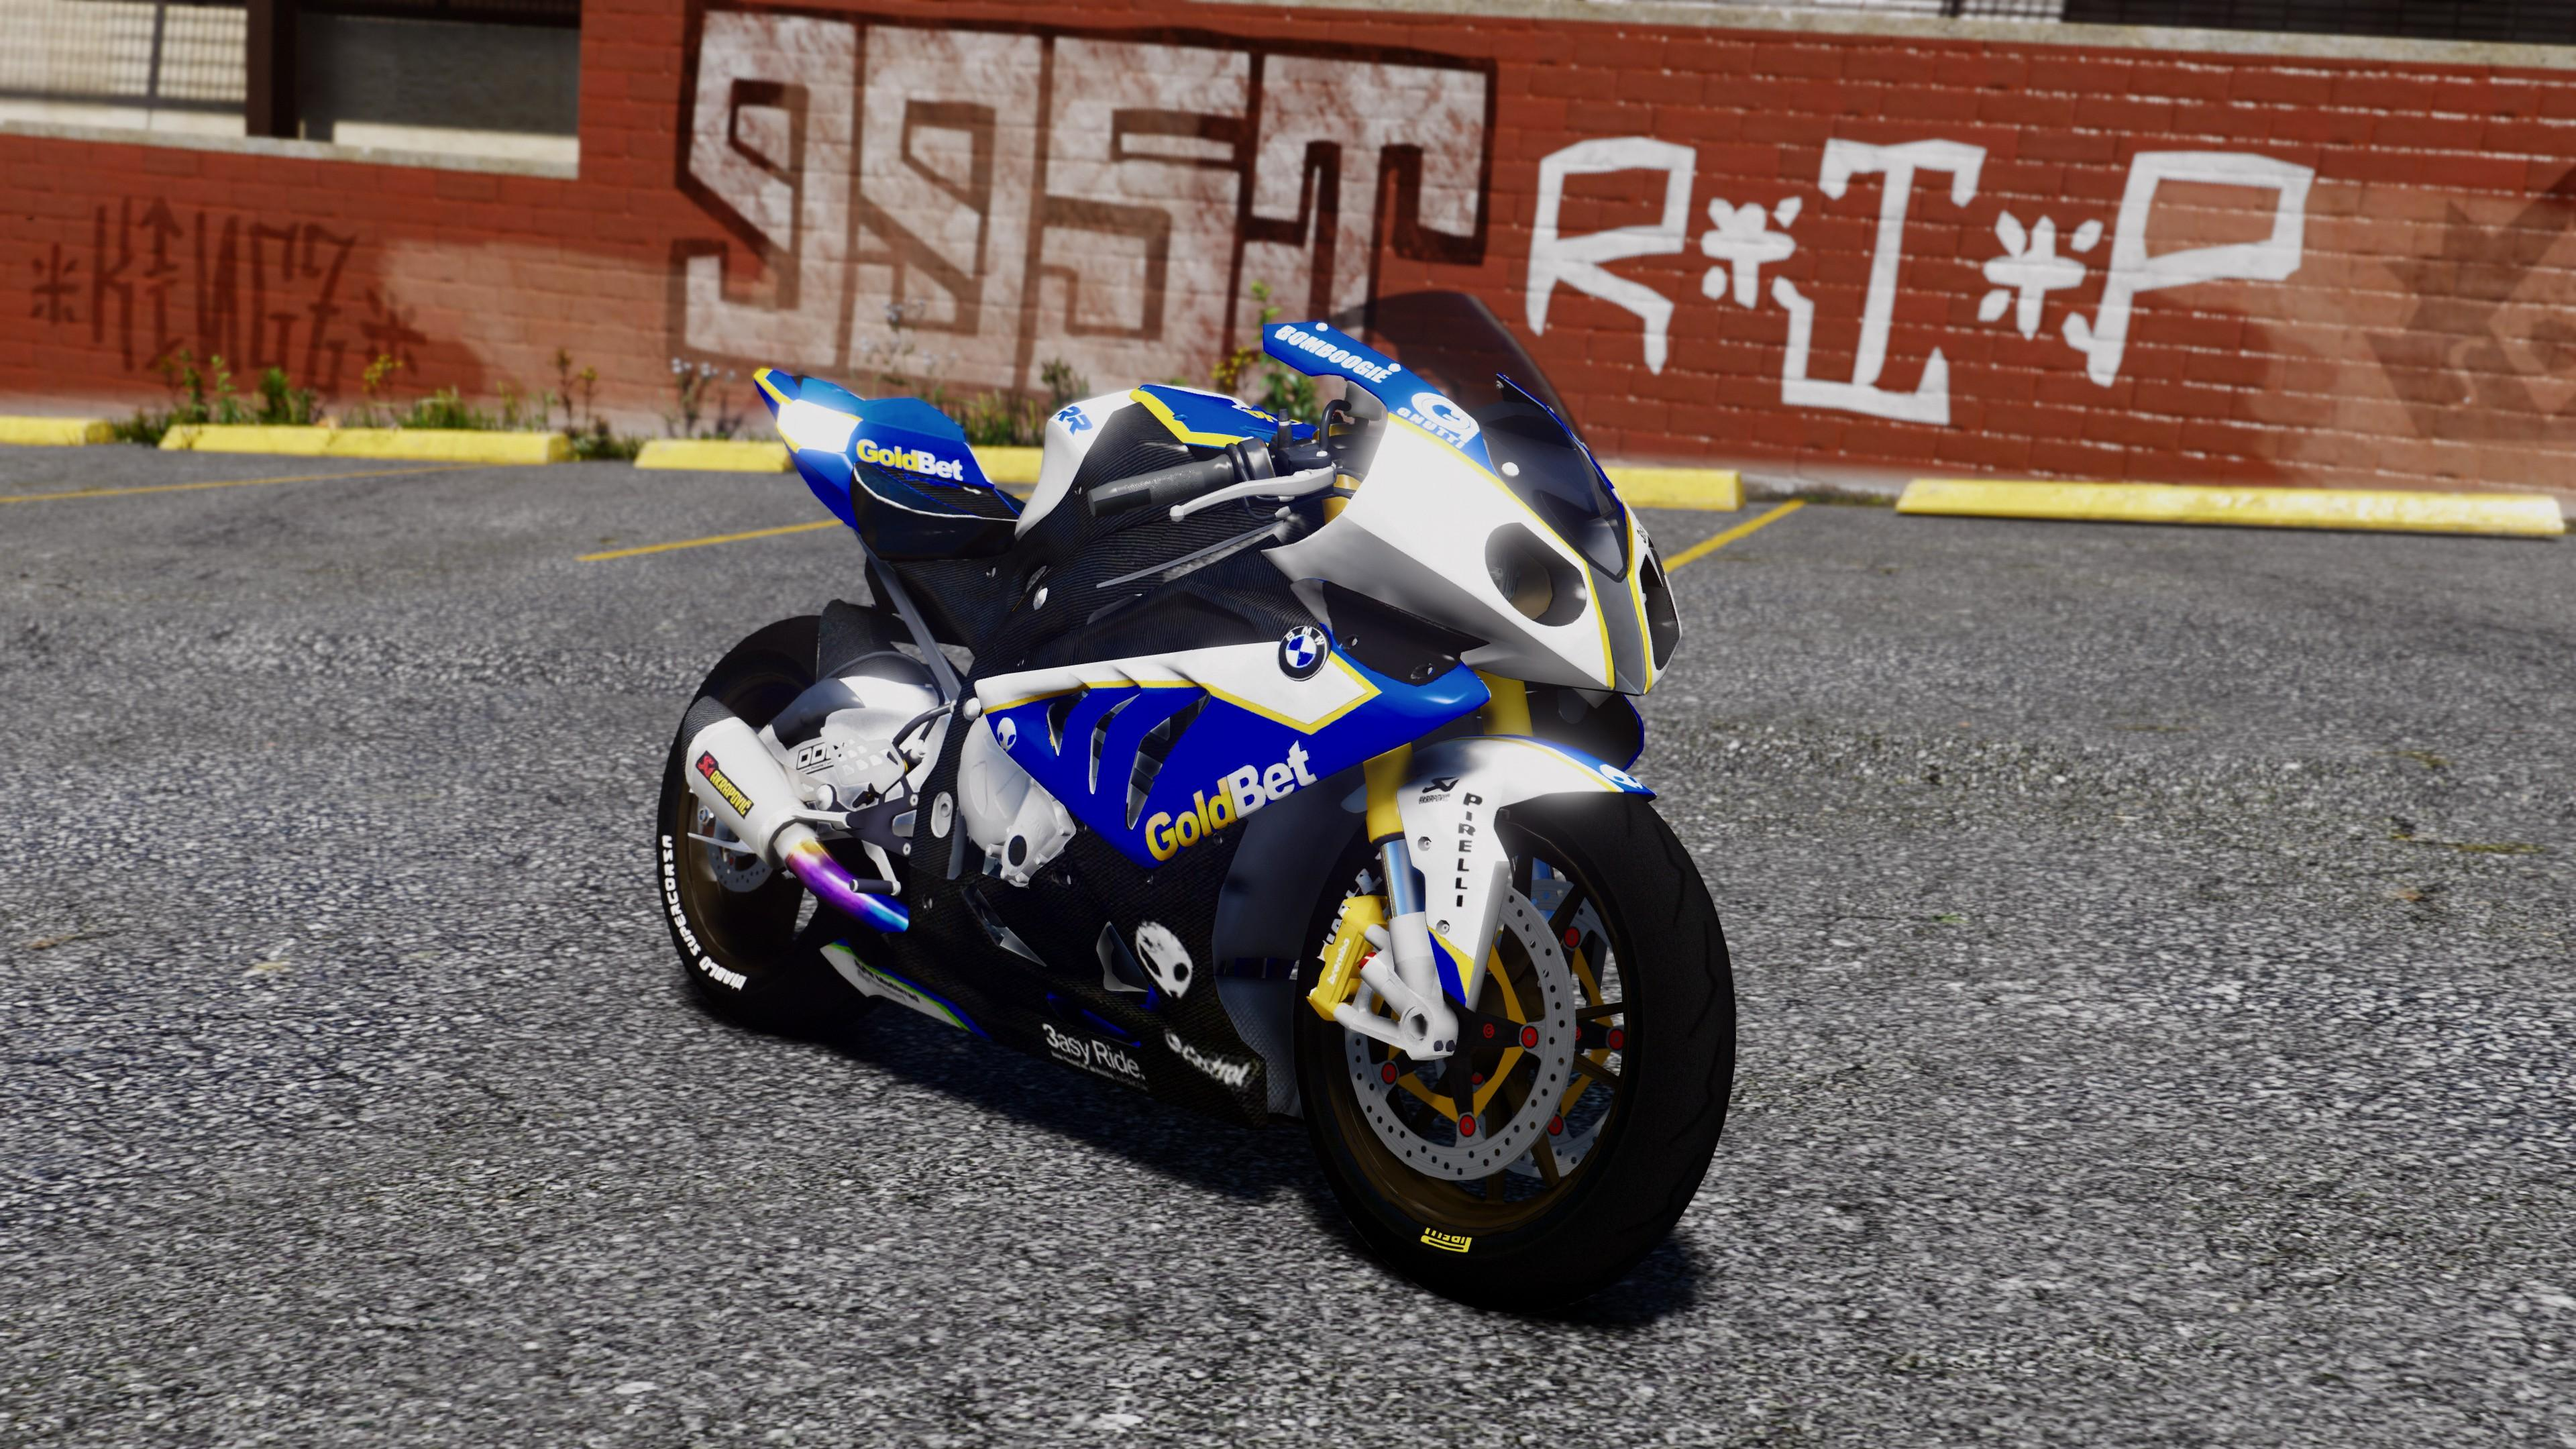 Bmw S1000rr Goldbet Racer Rollcage Gta5 Mods Com